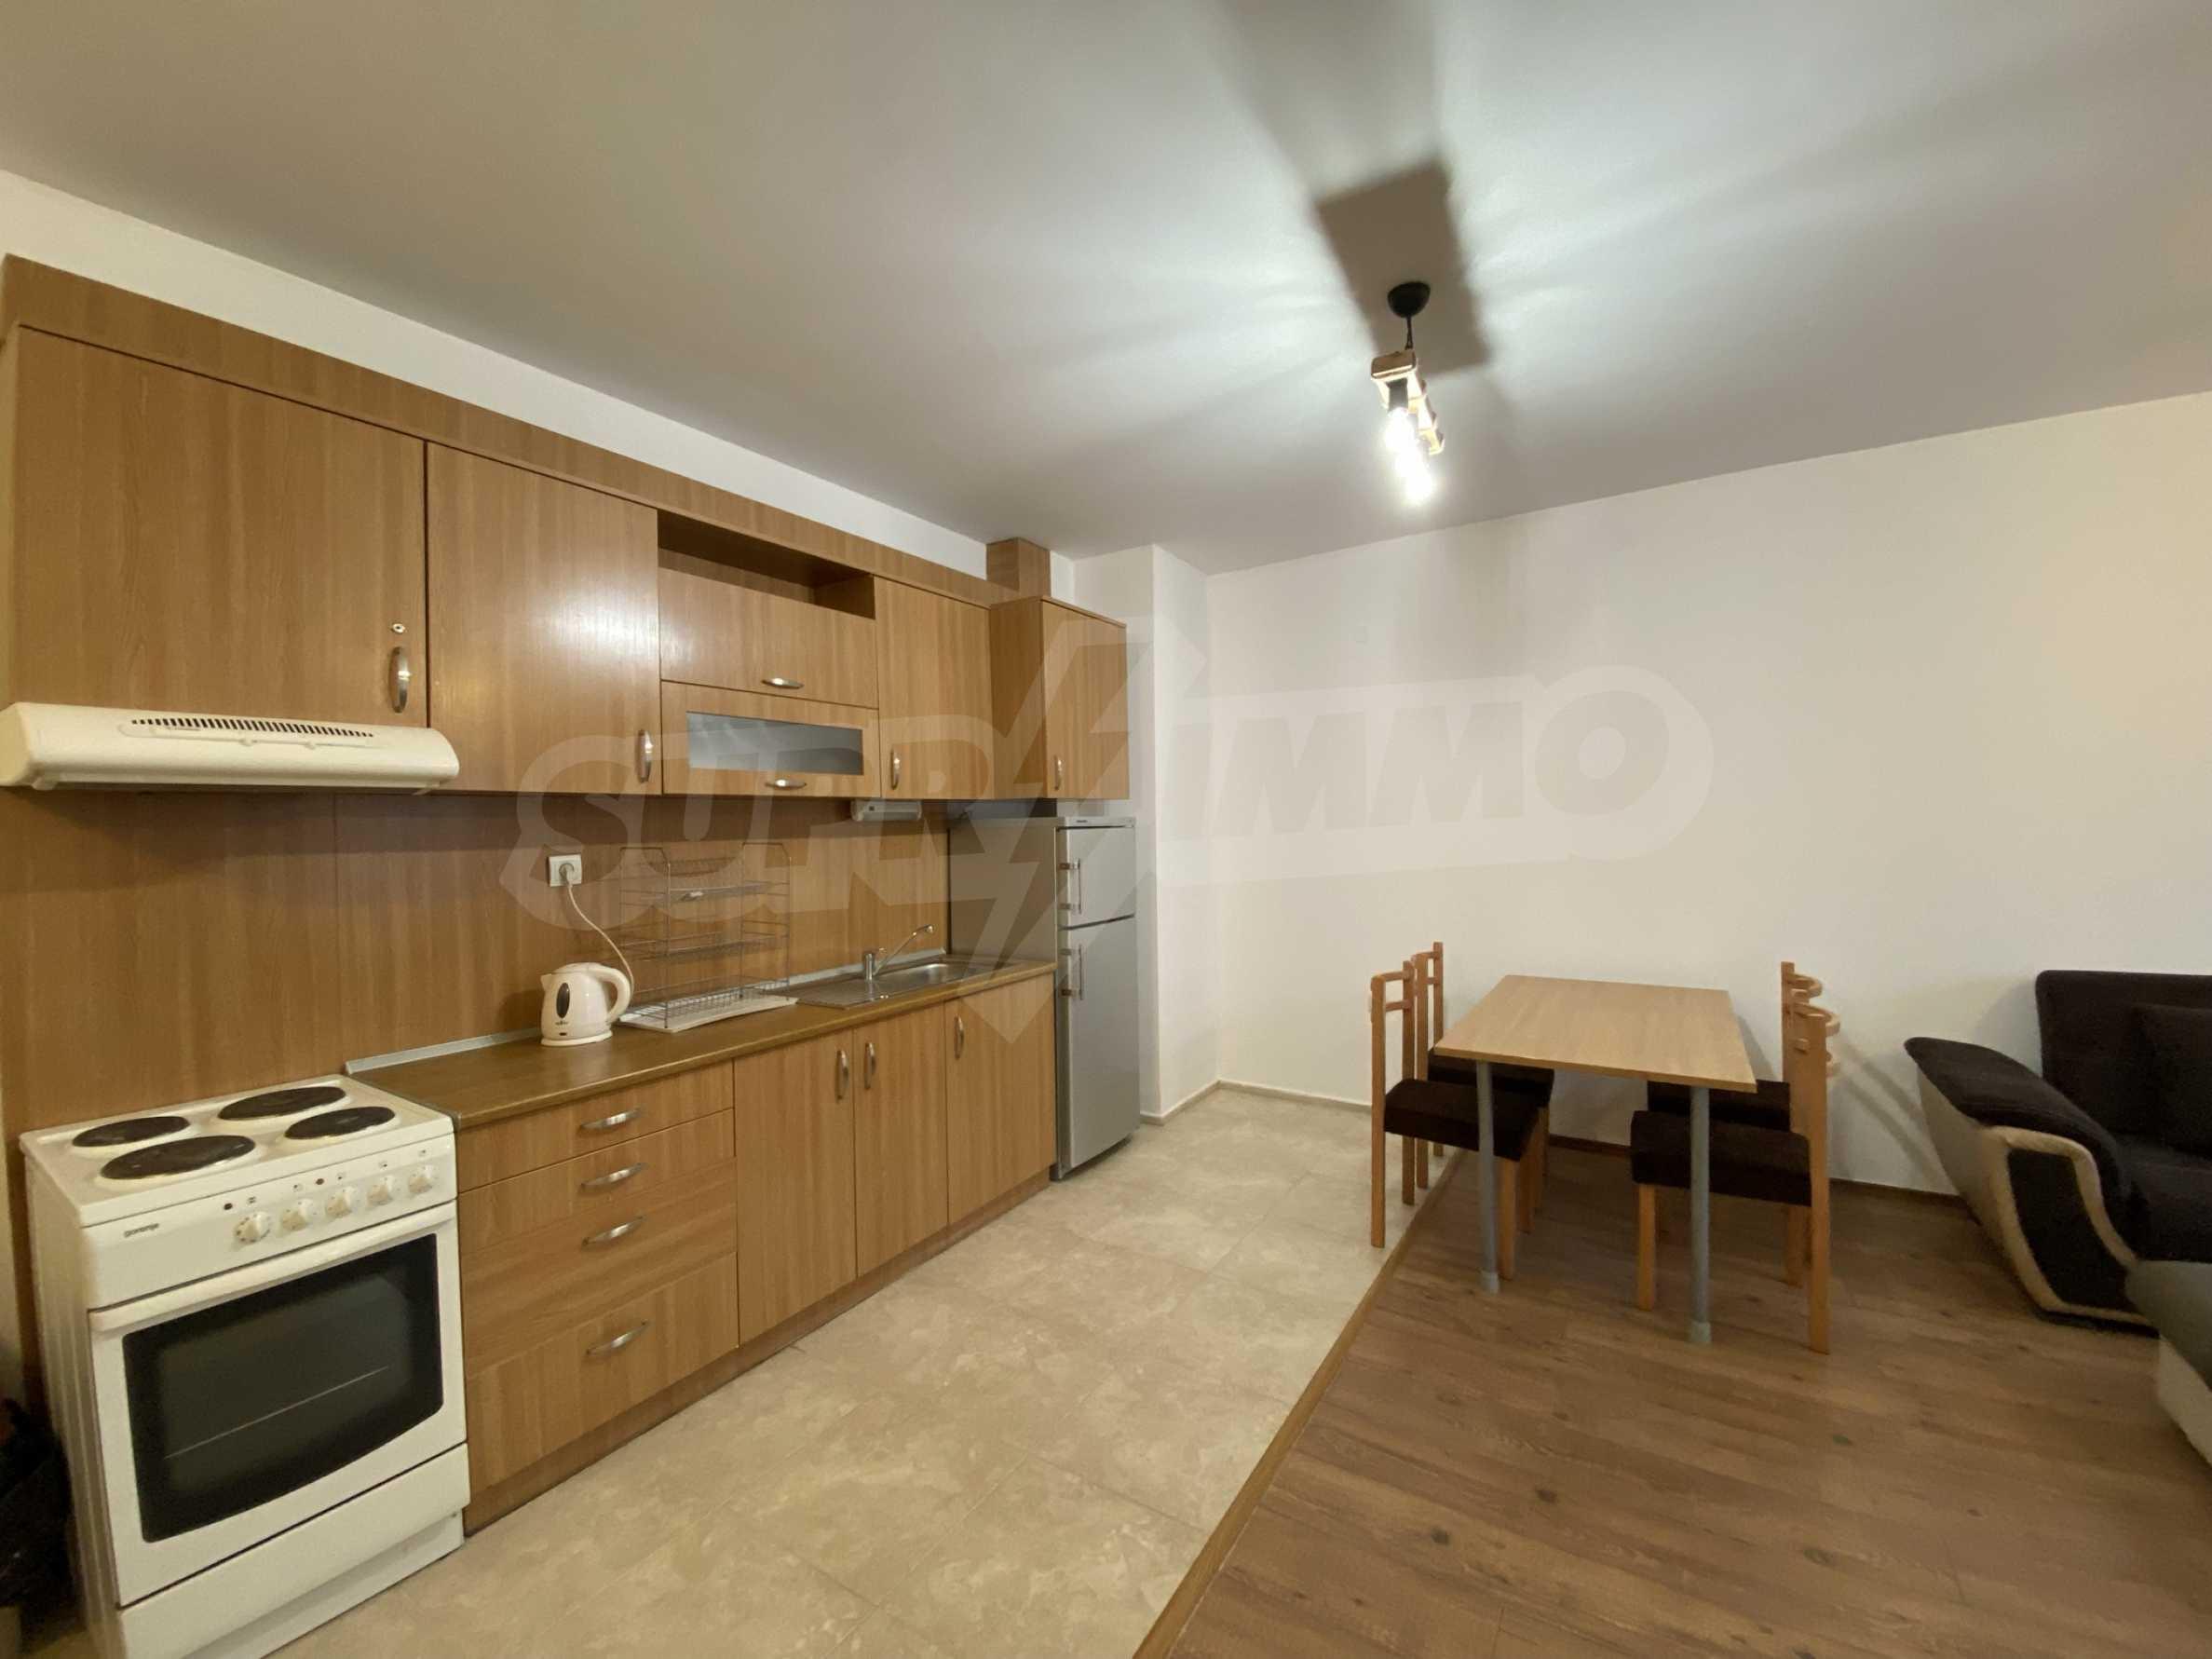 Apartment mit zwei Schlafzimmern zum Verkauf in der Nähe des Skigebiets in Bansko 3